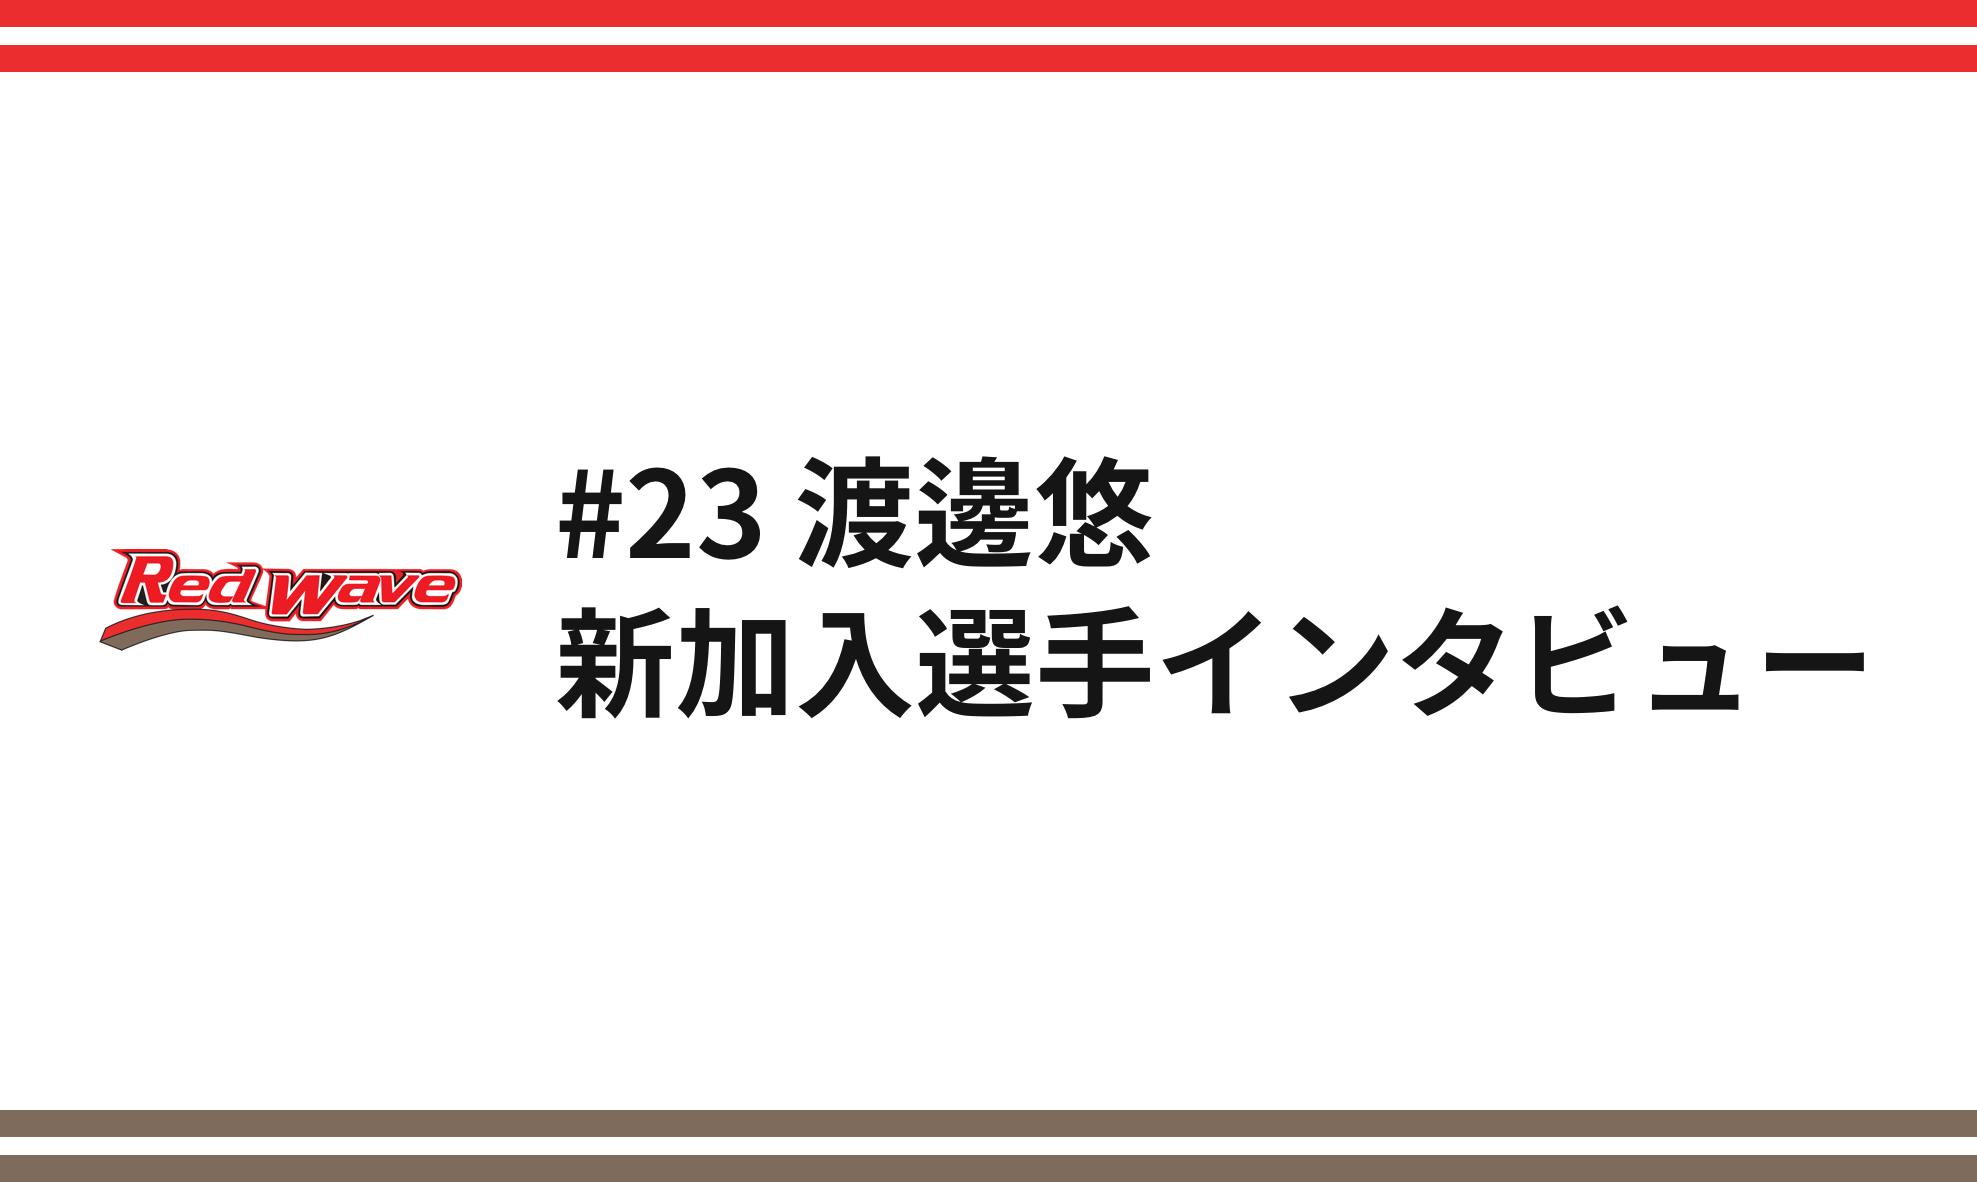 新加入選手 渡邊悠 #23 F インタビュ…